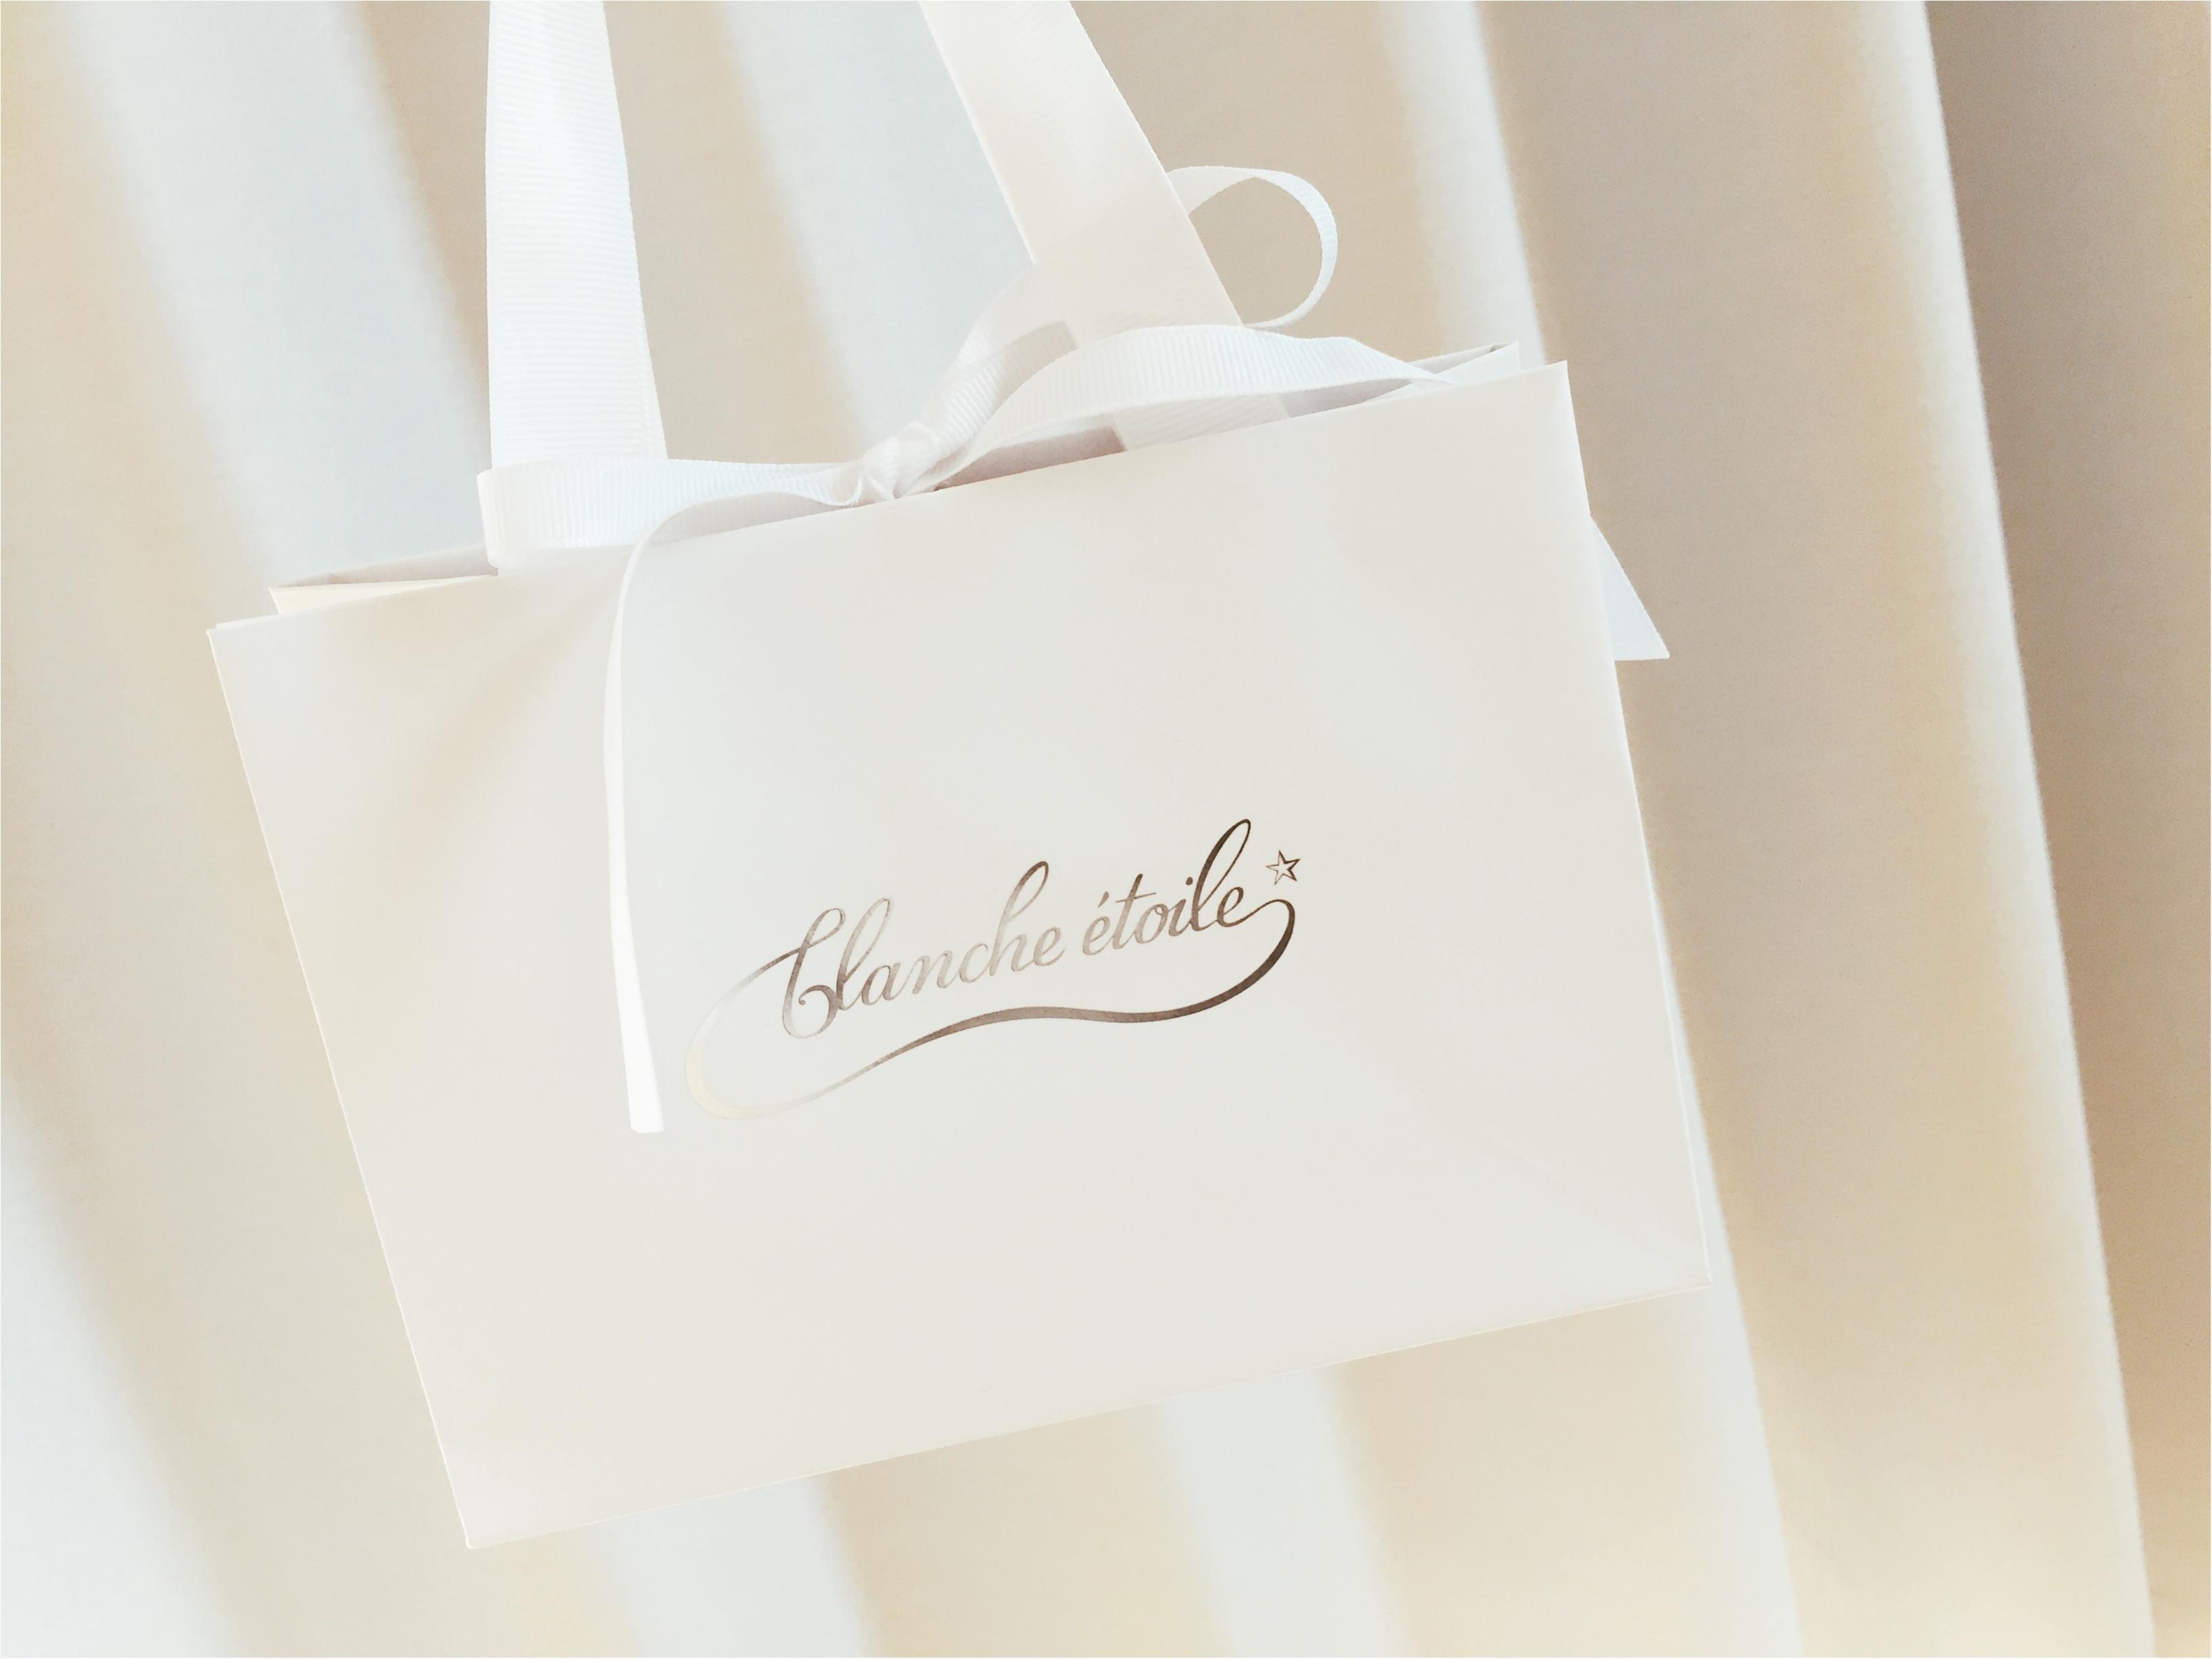 綺麗なまつげになりたいあなたへ…『blanche etoile(ブランエトワール)』のマスカラで理想のまつげに!!_1